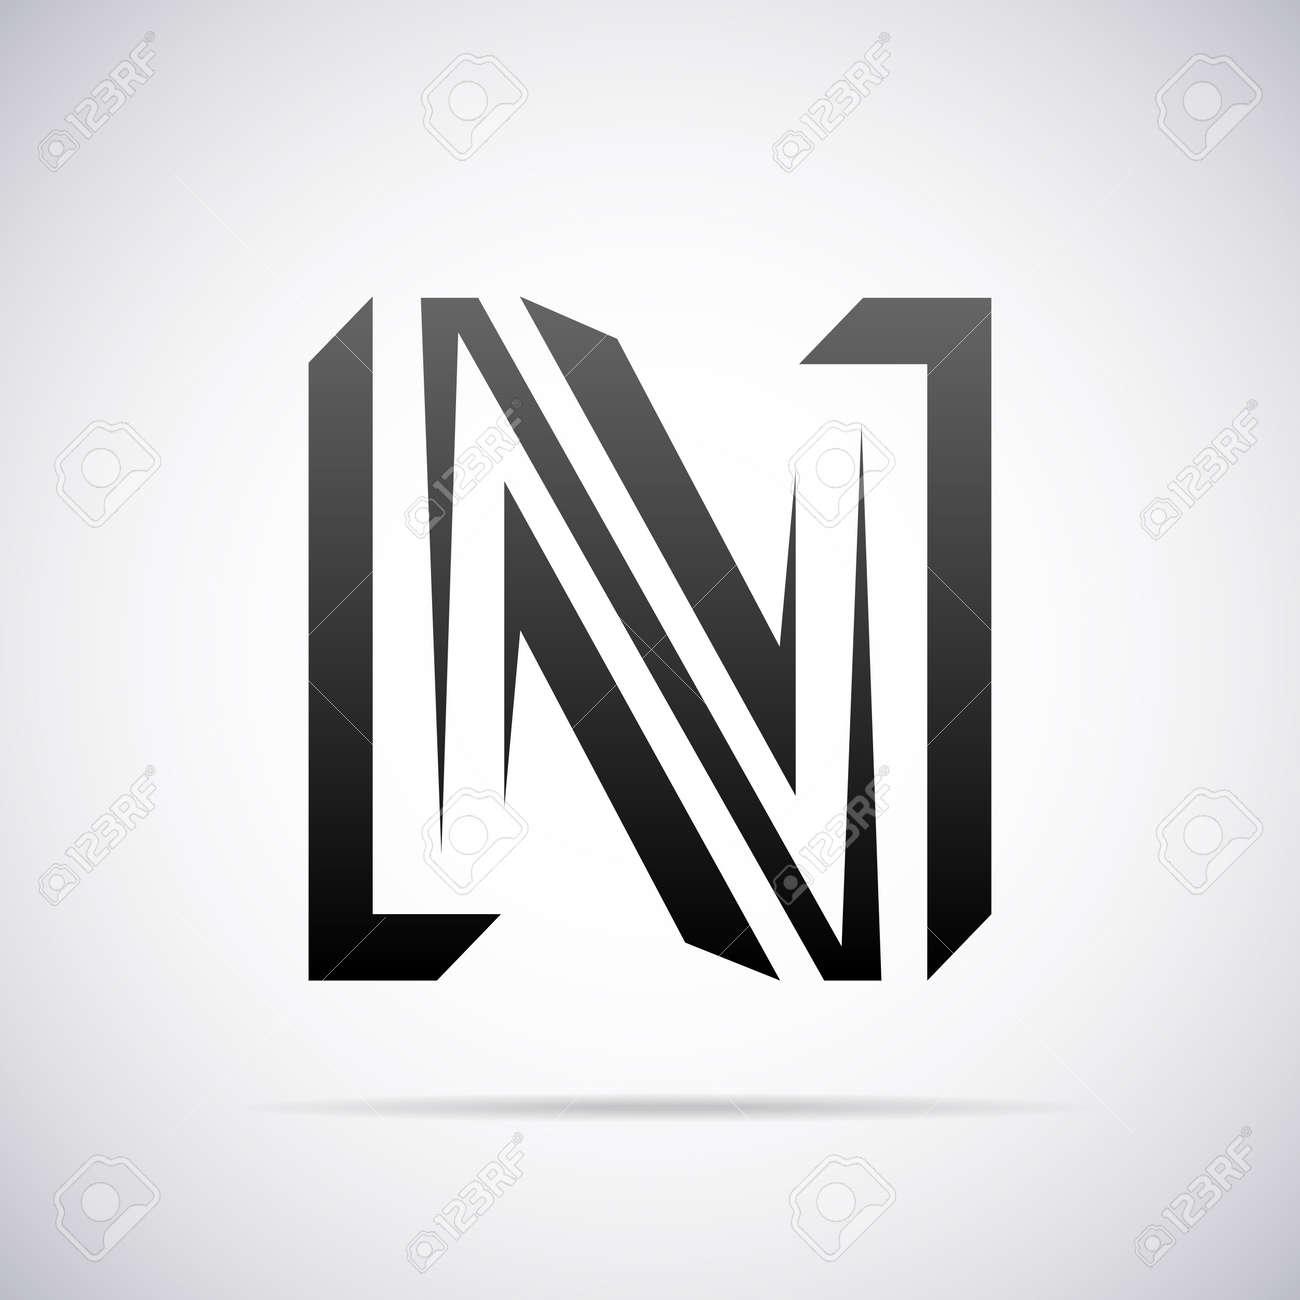 Logo for letter n design template vector illustration royalty free logo for letter n design template vector illustration stock vector 43081922 maxwellsz